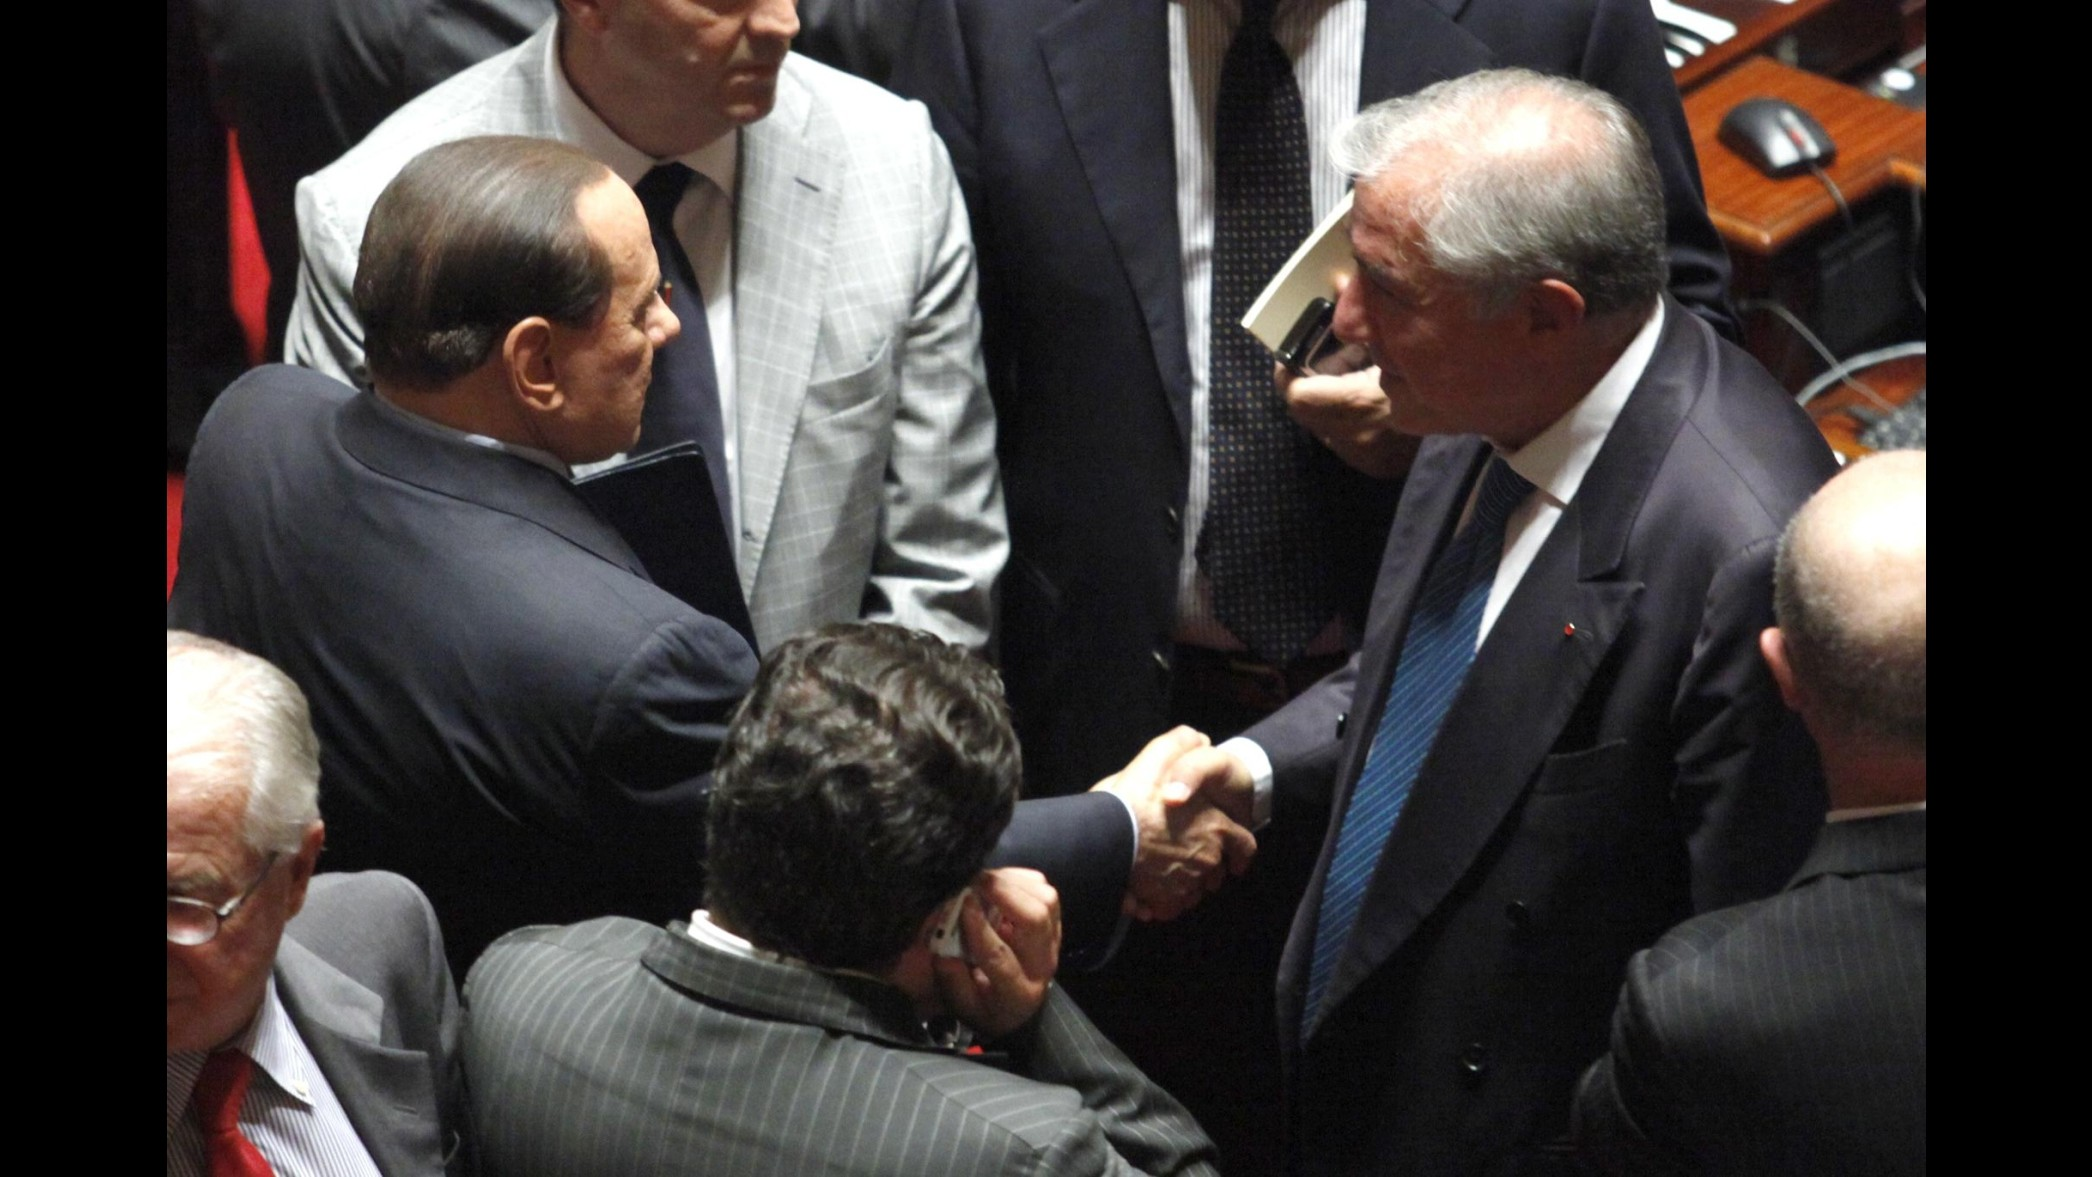 Berlusconi: Dell'Utri in lista? Temo dovrò chiedergli sacrificio